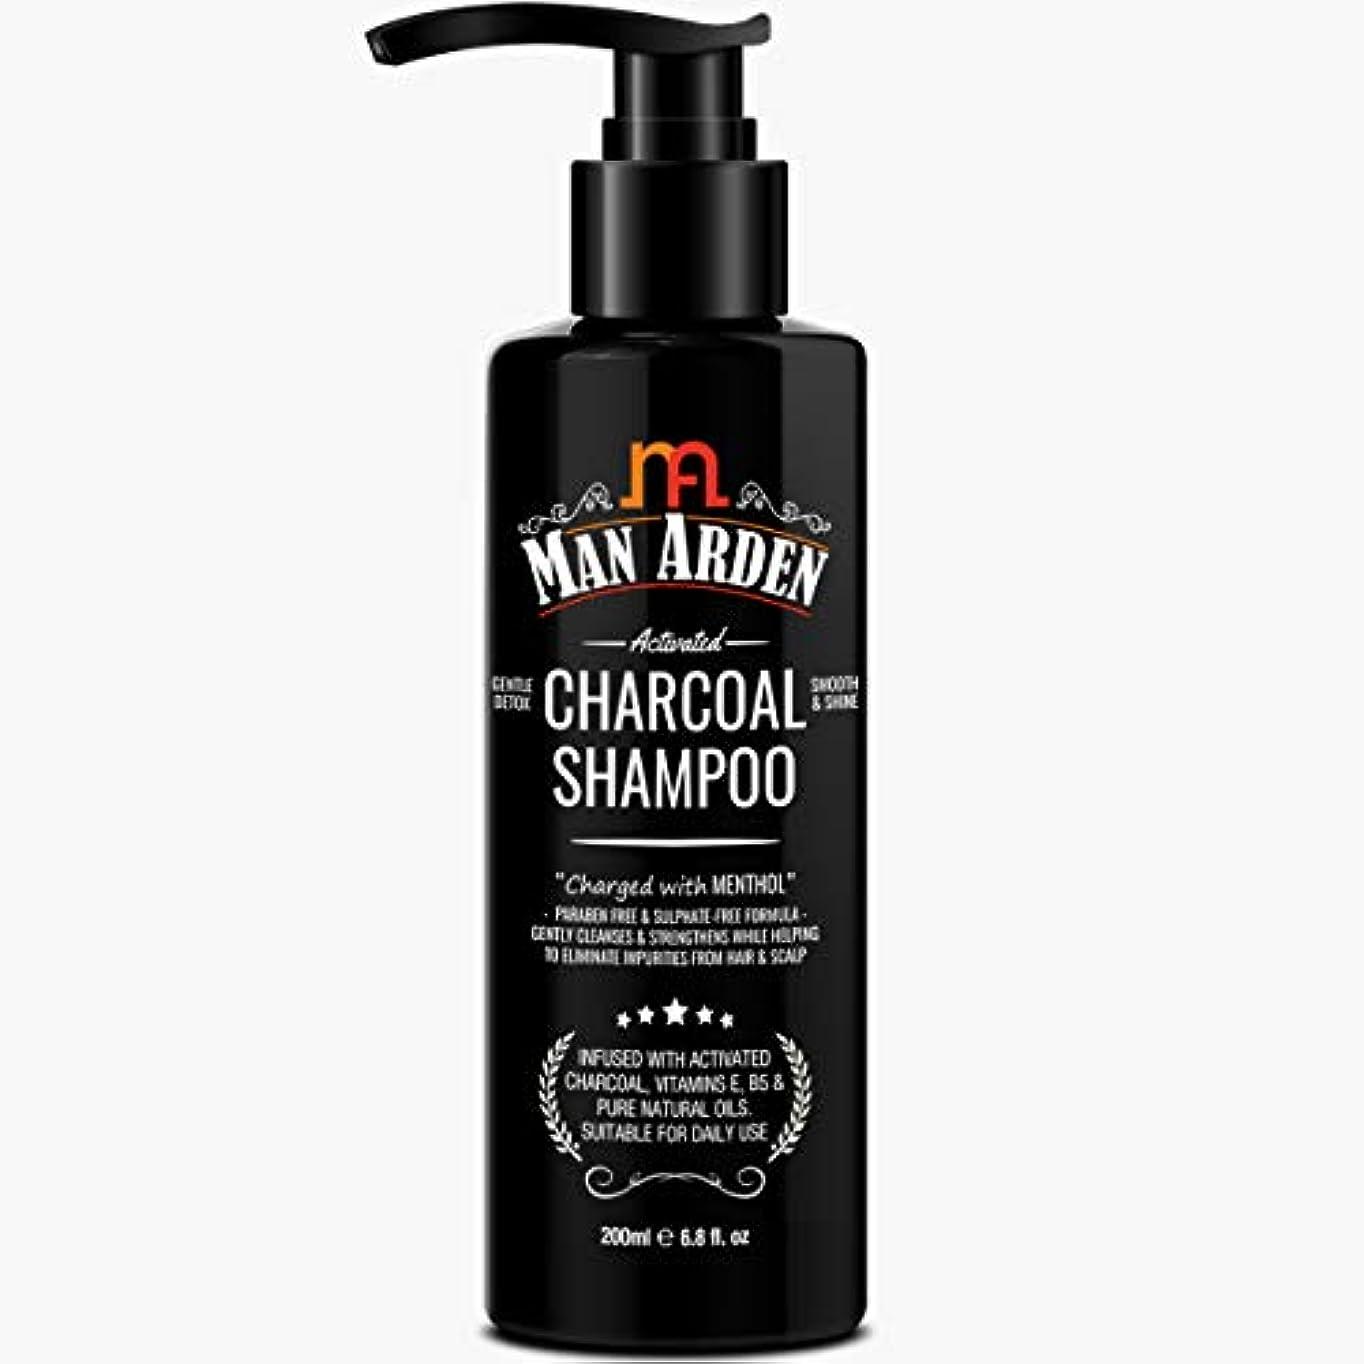 資本策定する降臨Man Arden Activated Charcoal Shampoo With Menthol (No Sulphate, Paraben or Silicon), 200ml - Daily Clarifying...